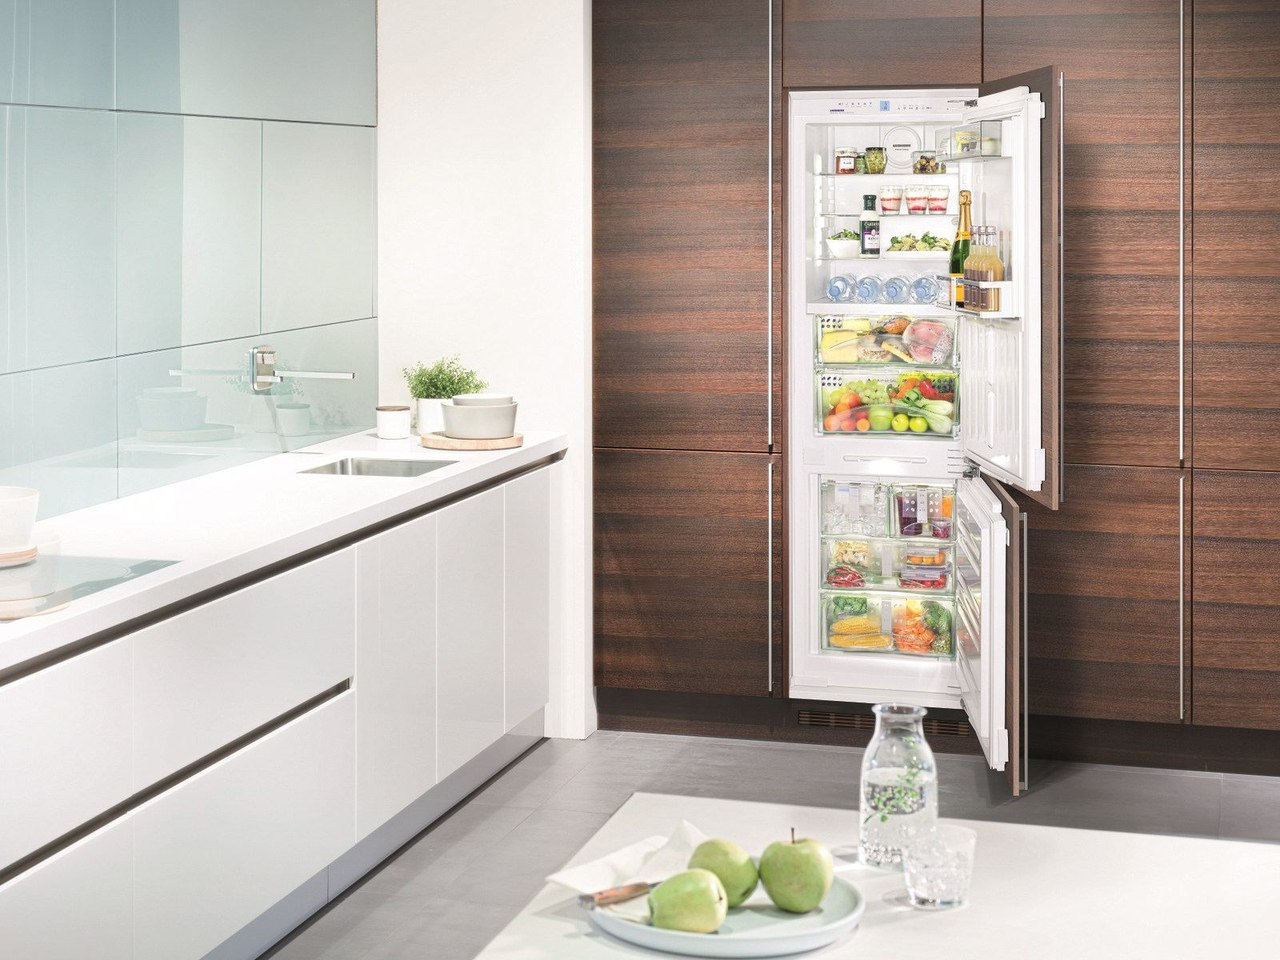 Холодильно-морозильная встраиваемая комбинация - встраиваемые холодильники Краснодар